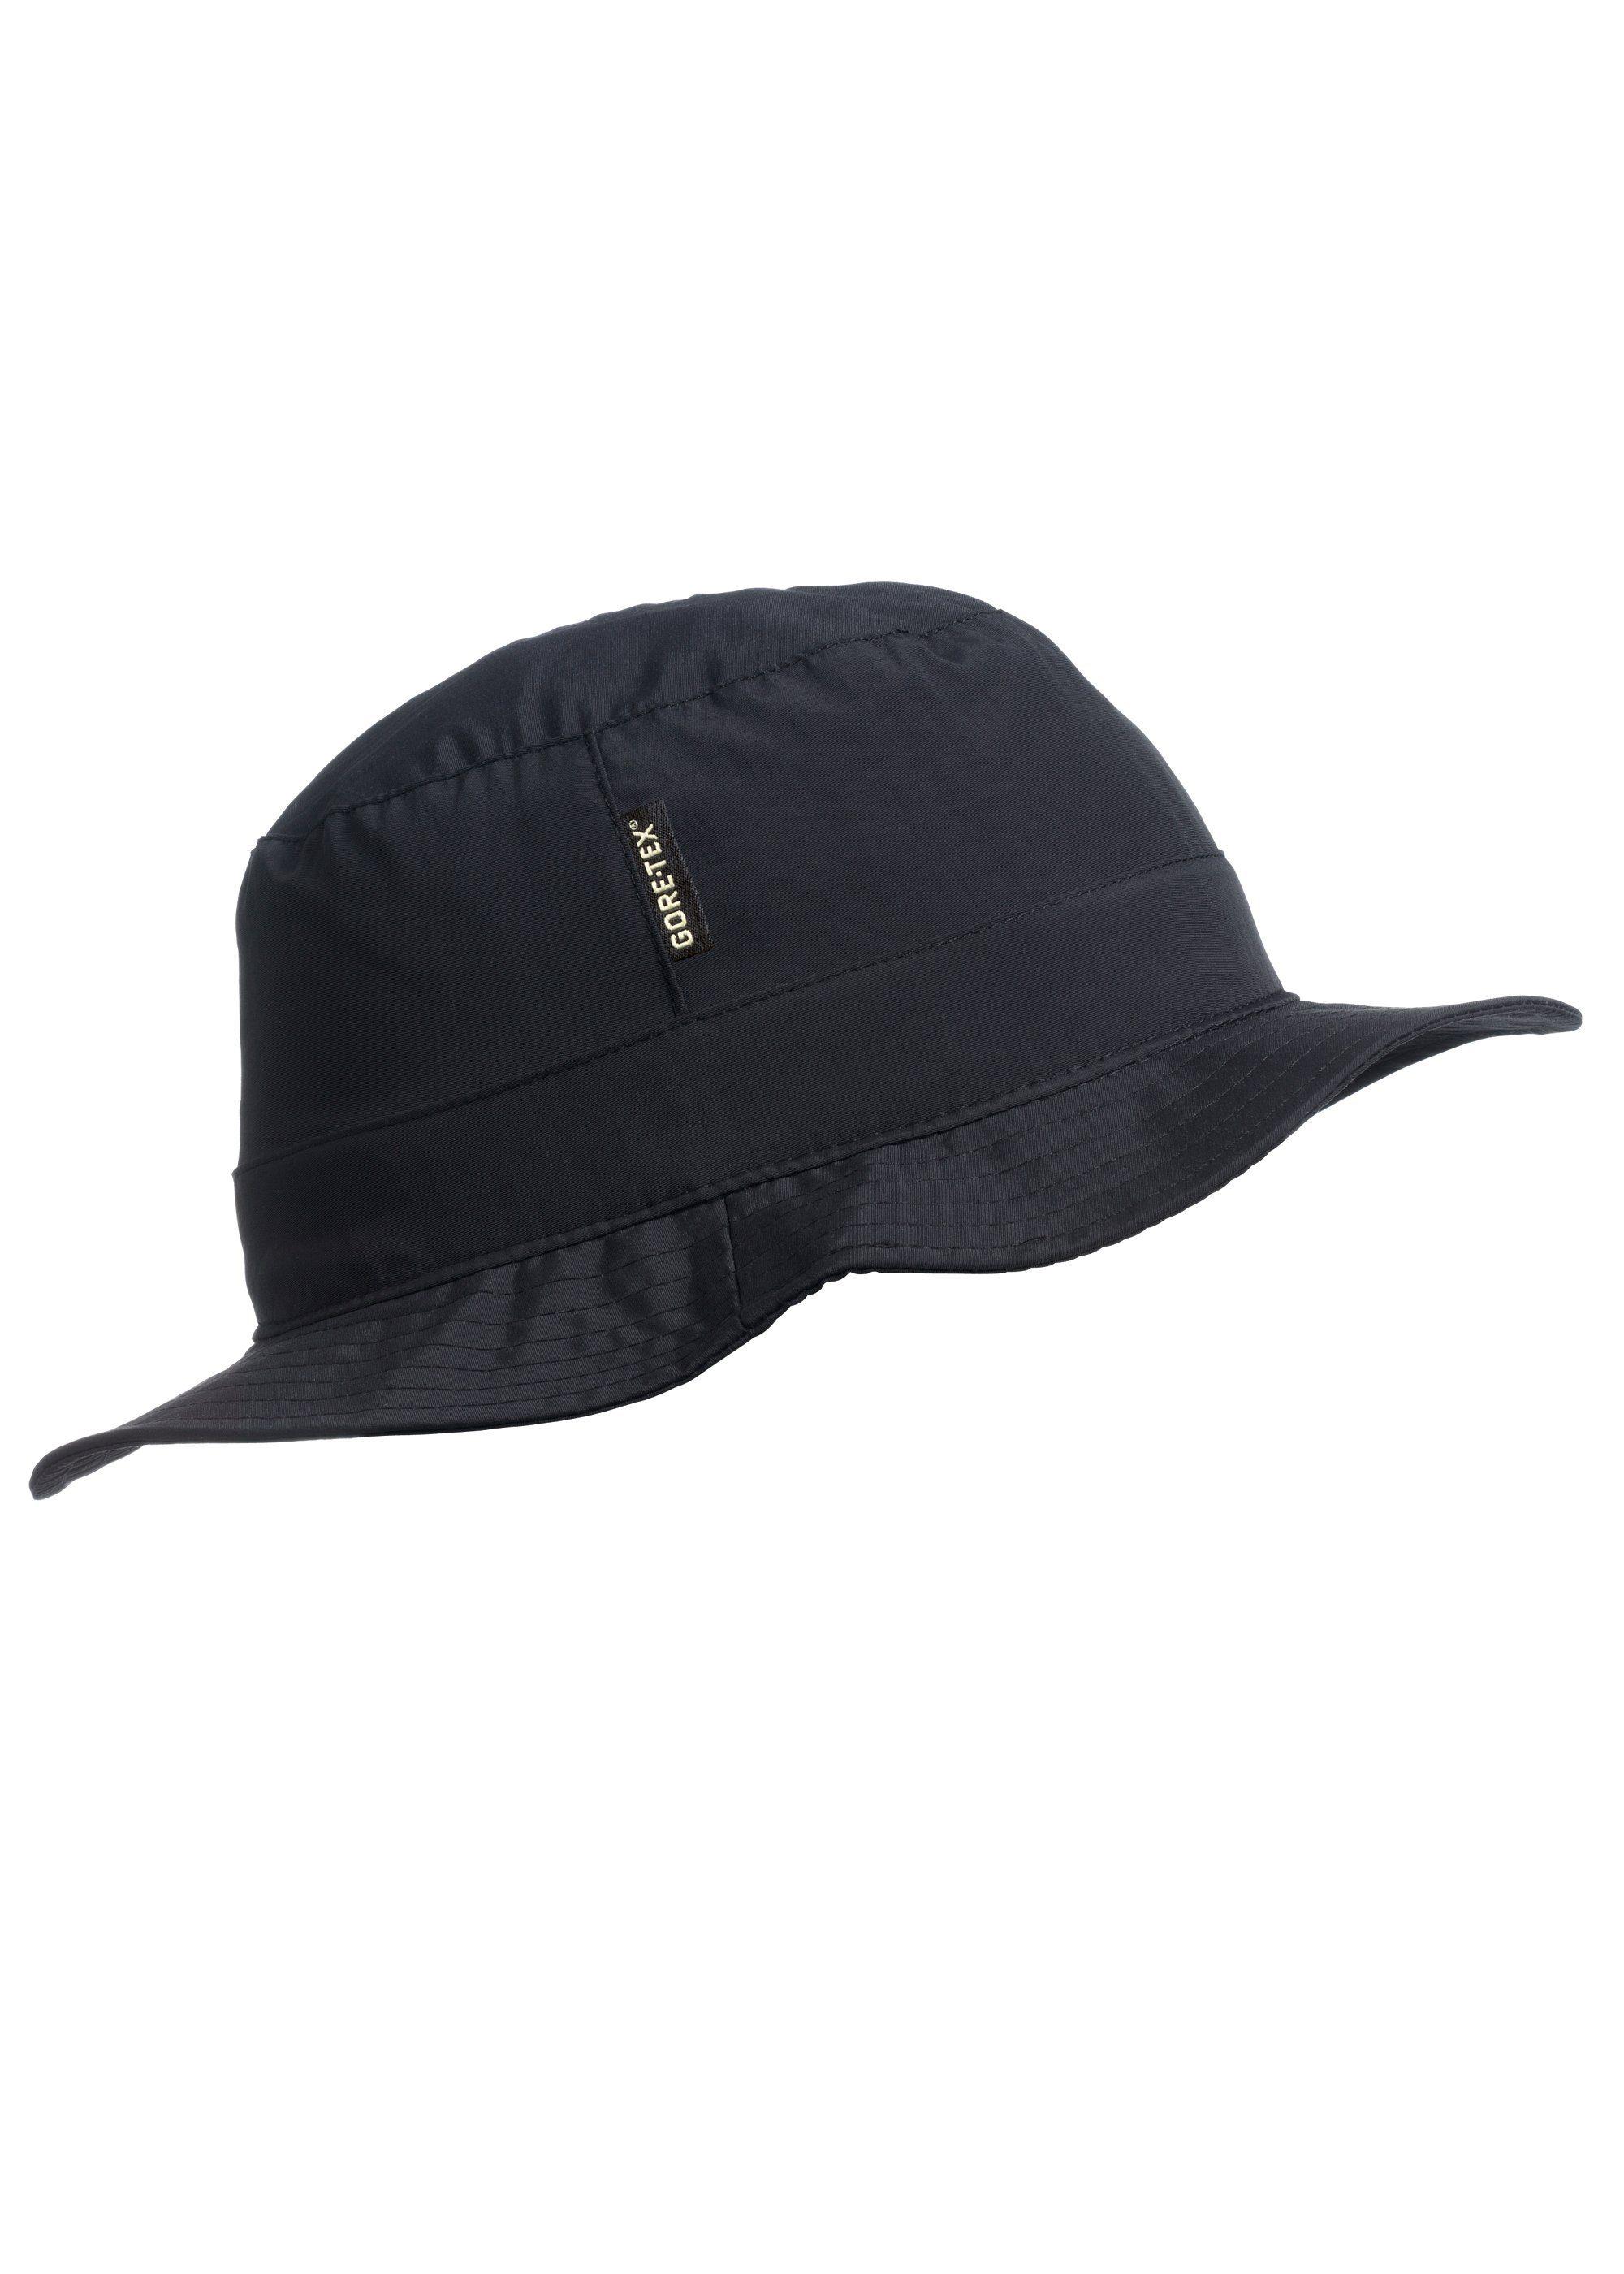 STÖHR Hut mit GORE-TEX(R) zum Wandern | Accessoires > Hüte | Stöhr